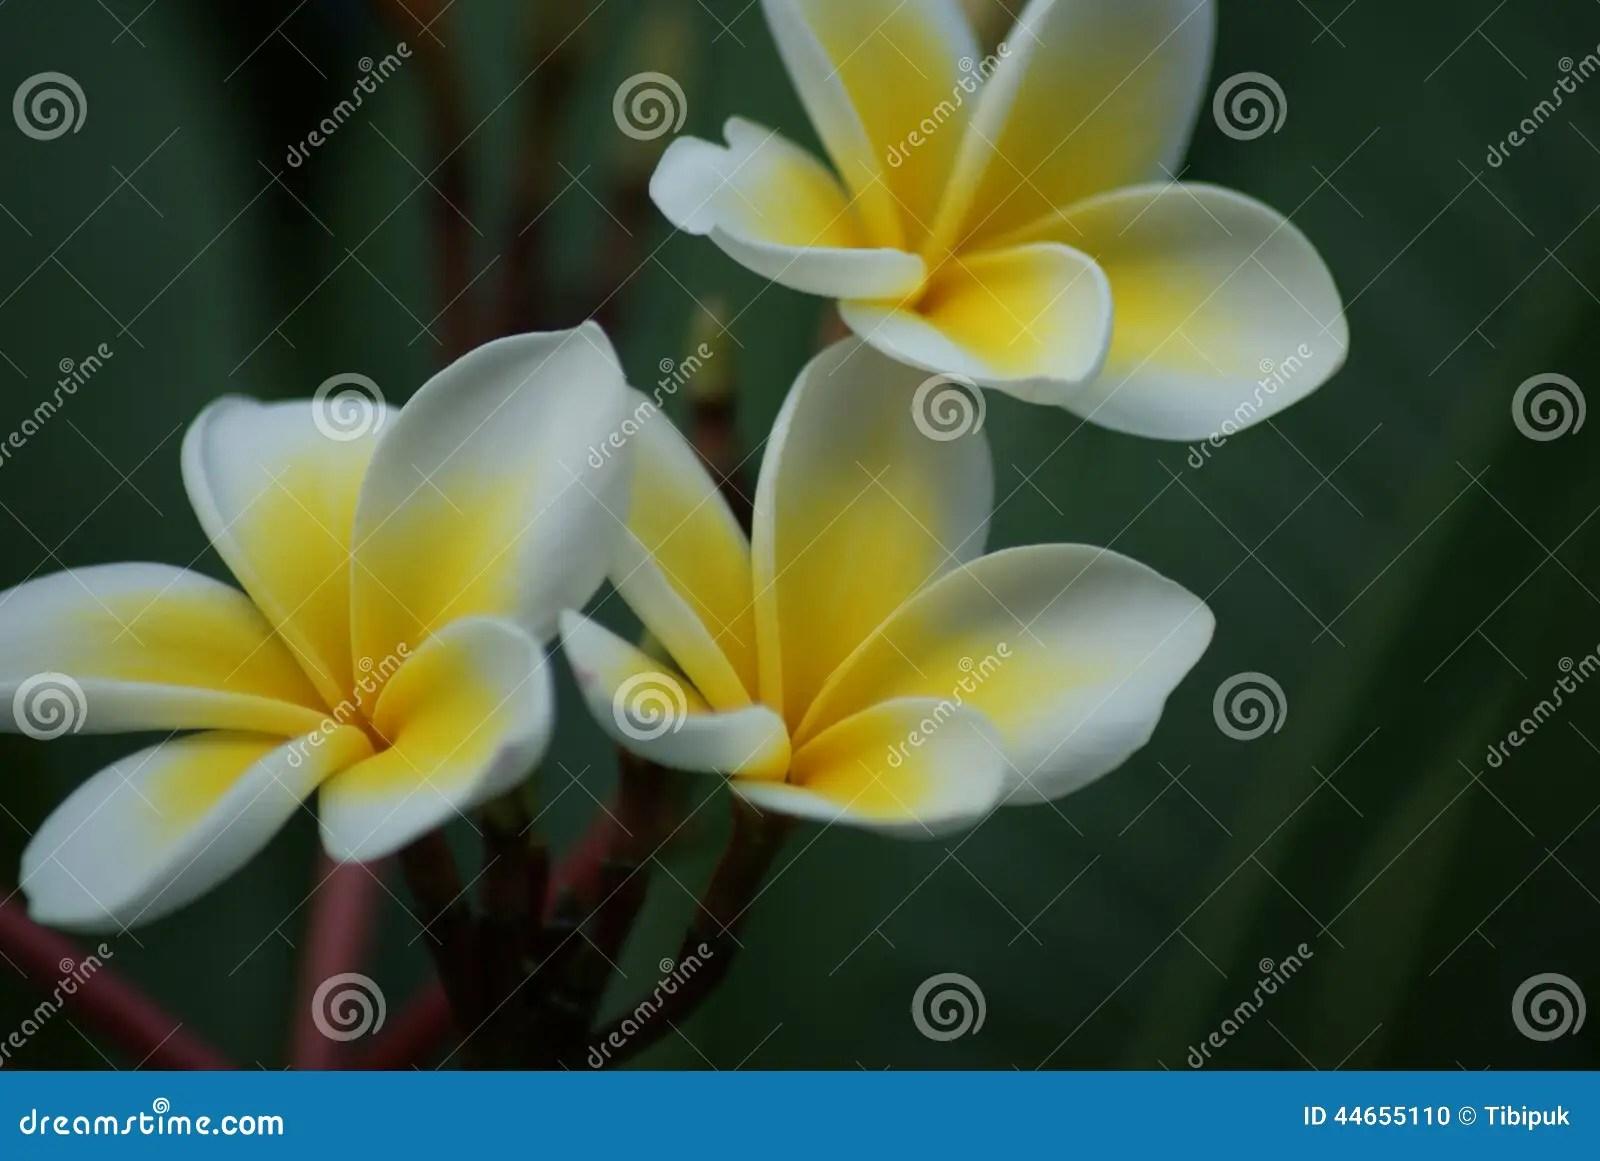 Exotische Bloemen In Cyprus Stock Foto  Afbeelding 44655110